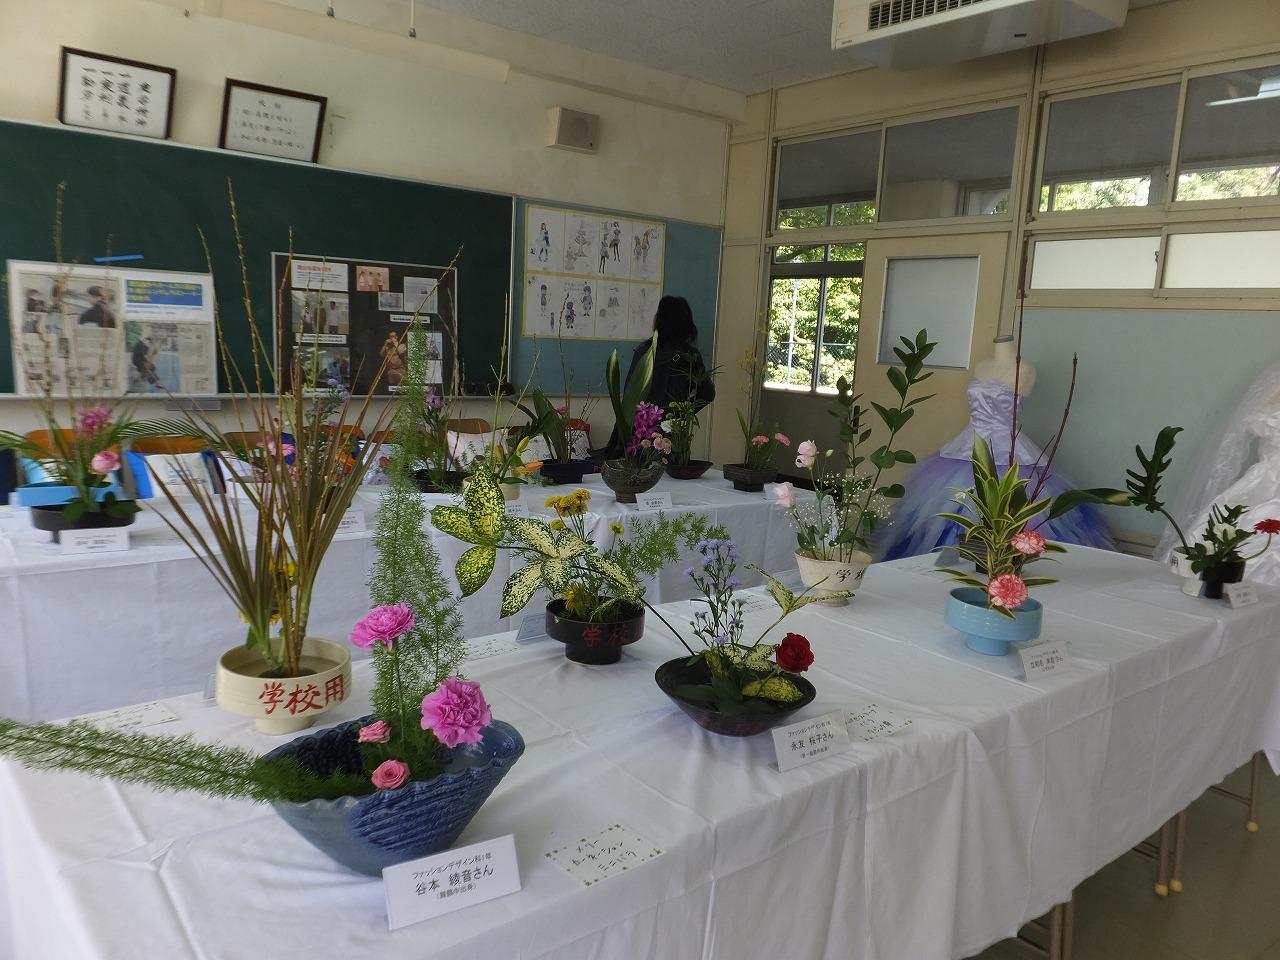 生徒の作品がいっぱいの展示会場